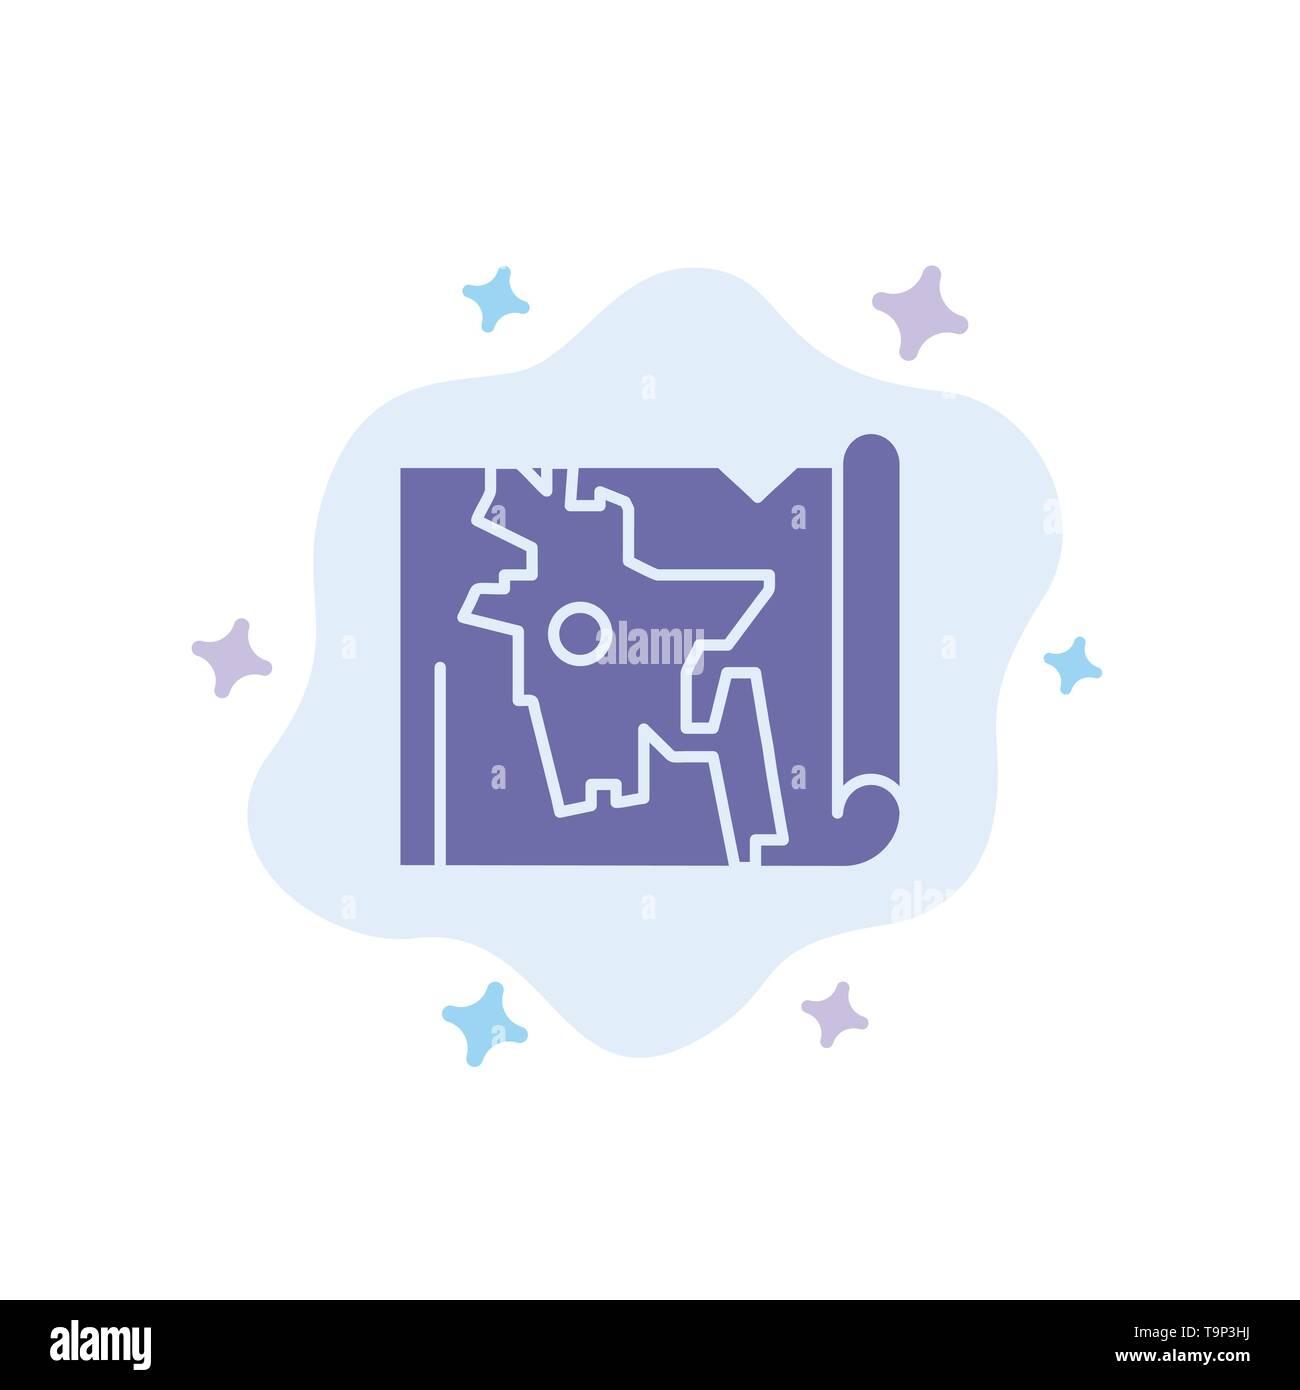 Bangladesh, Map, World, Bangla Blue Icon on Abstract Cloud ...